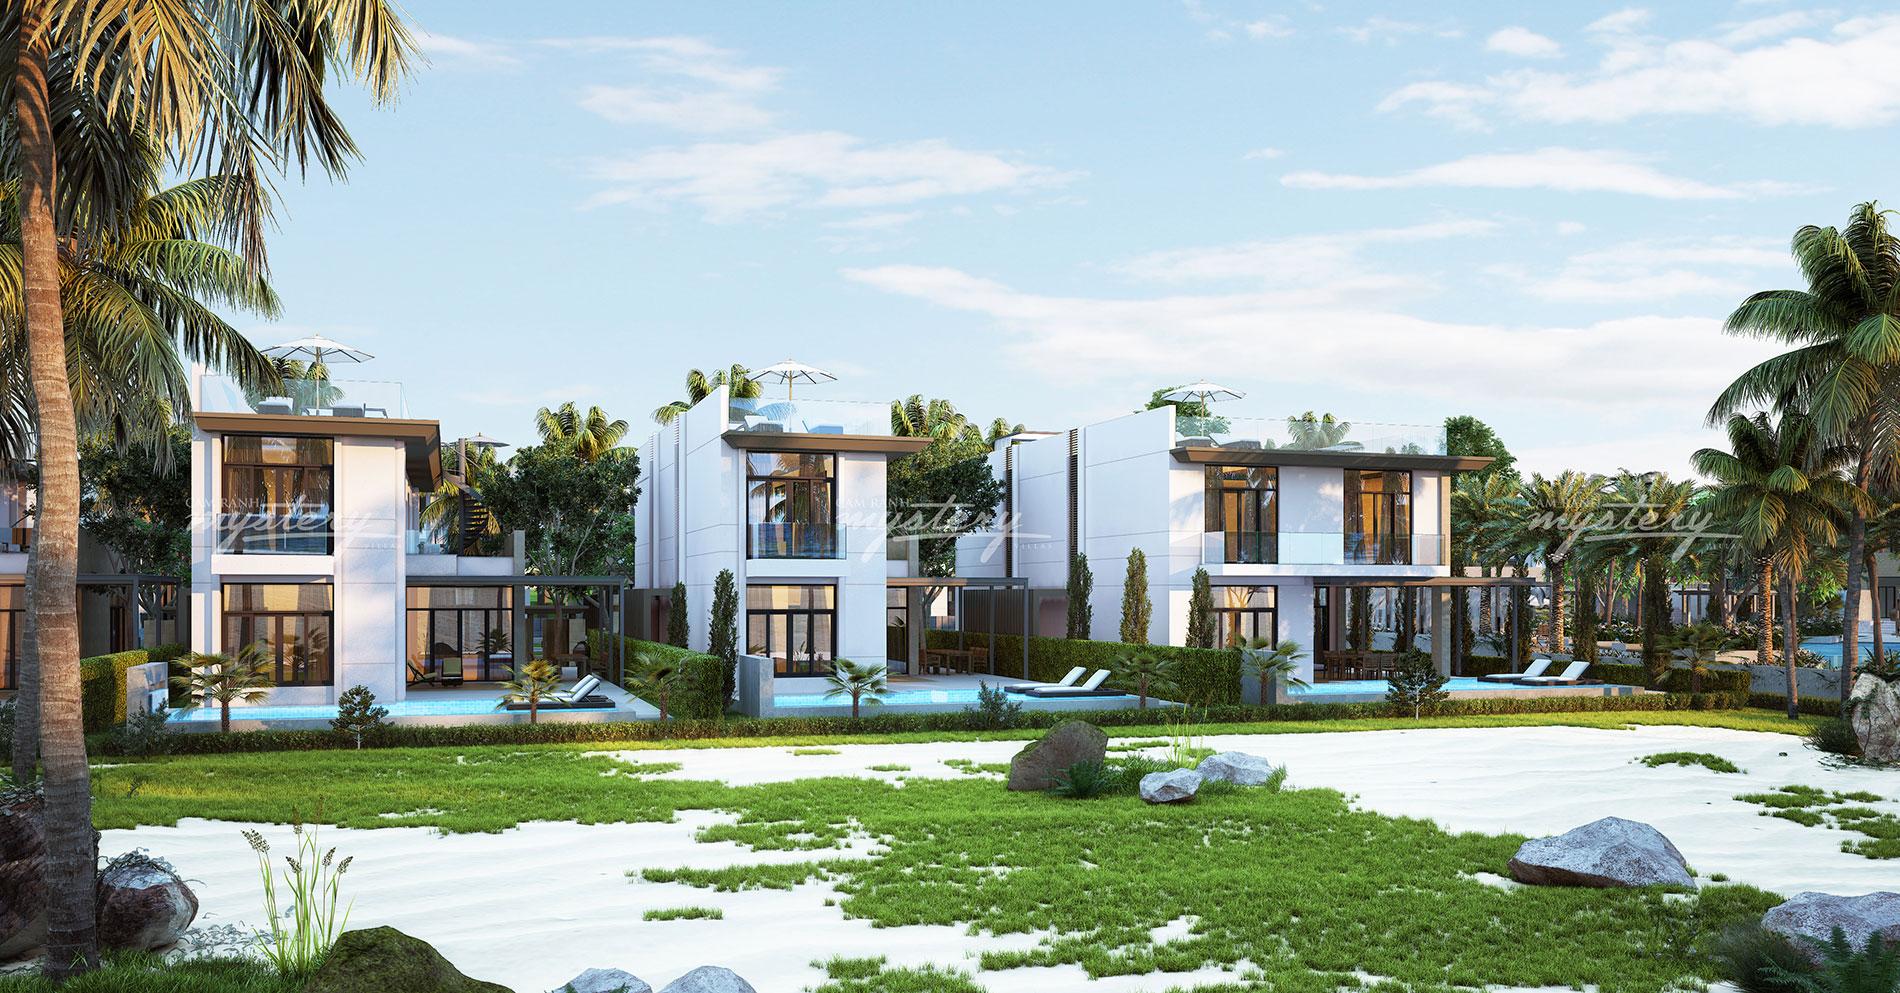 Biệt thự mẫu Cam Ranh Mystery Villas của Hưng Thịnh